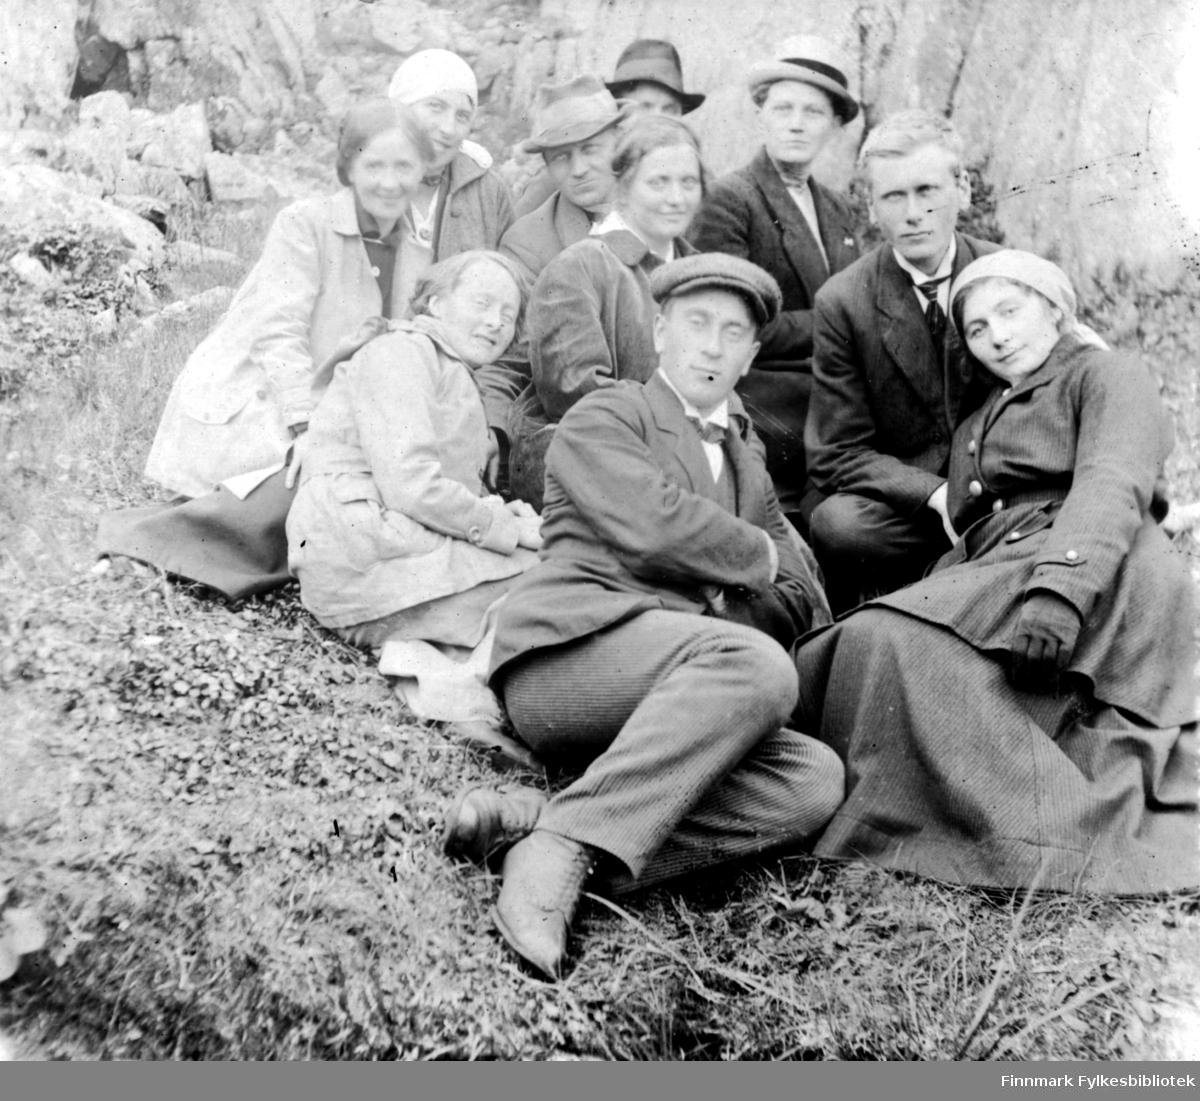 Fotografi av en gruppe mennesker som sitter i gresset nedenfor en fjellskråning. Kvinnen foran til venstre er sannsynligvis lærerinne Julie Jacobsen fra Vardø. Hun var datter til smedmester i Vardø Ole Sigfrid Jacobsen og hustru Anna Christine Vibe Jacobsen. Det er fire andre kvinner og fem menn på bildet. De er ukjente.